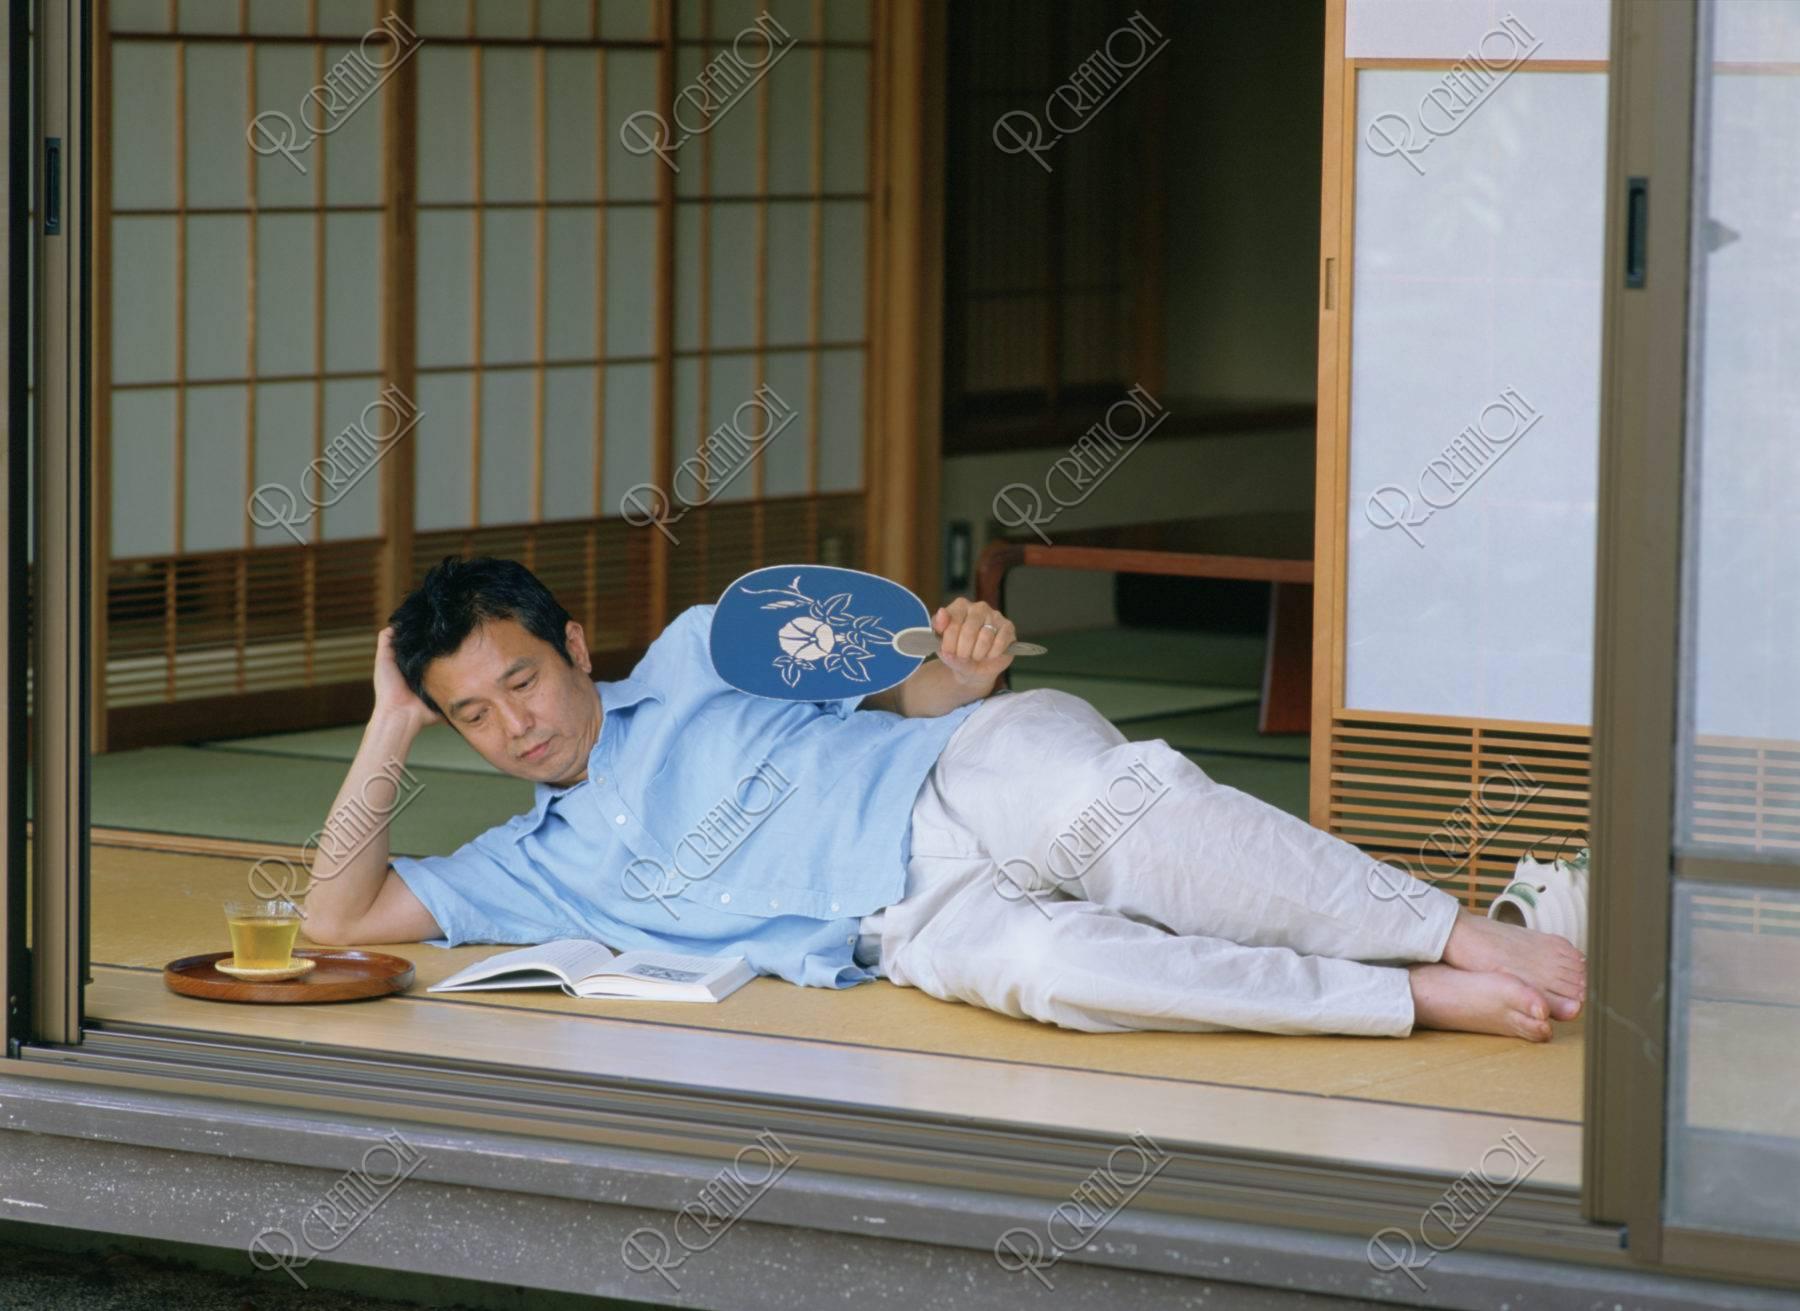 縁側で寝ころぶ熟年男性